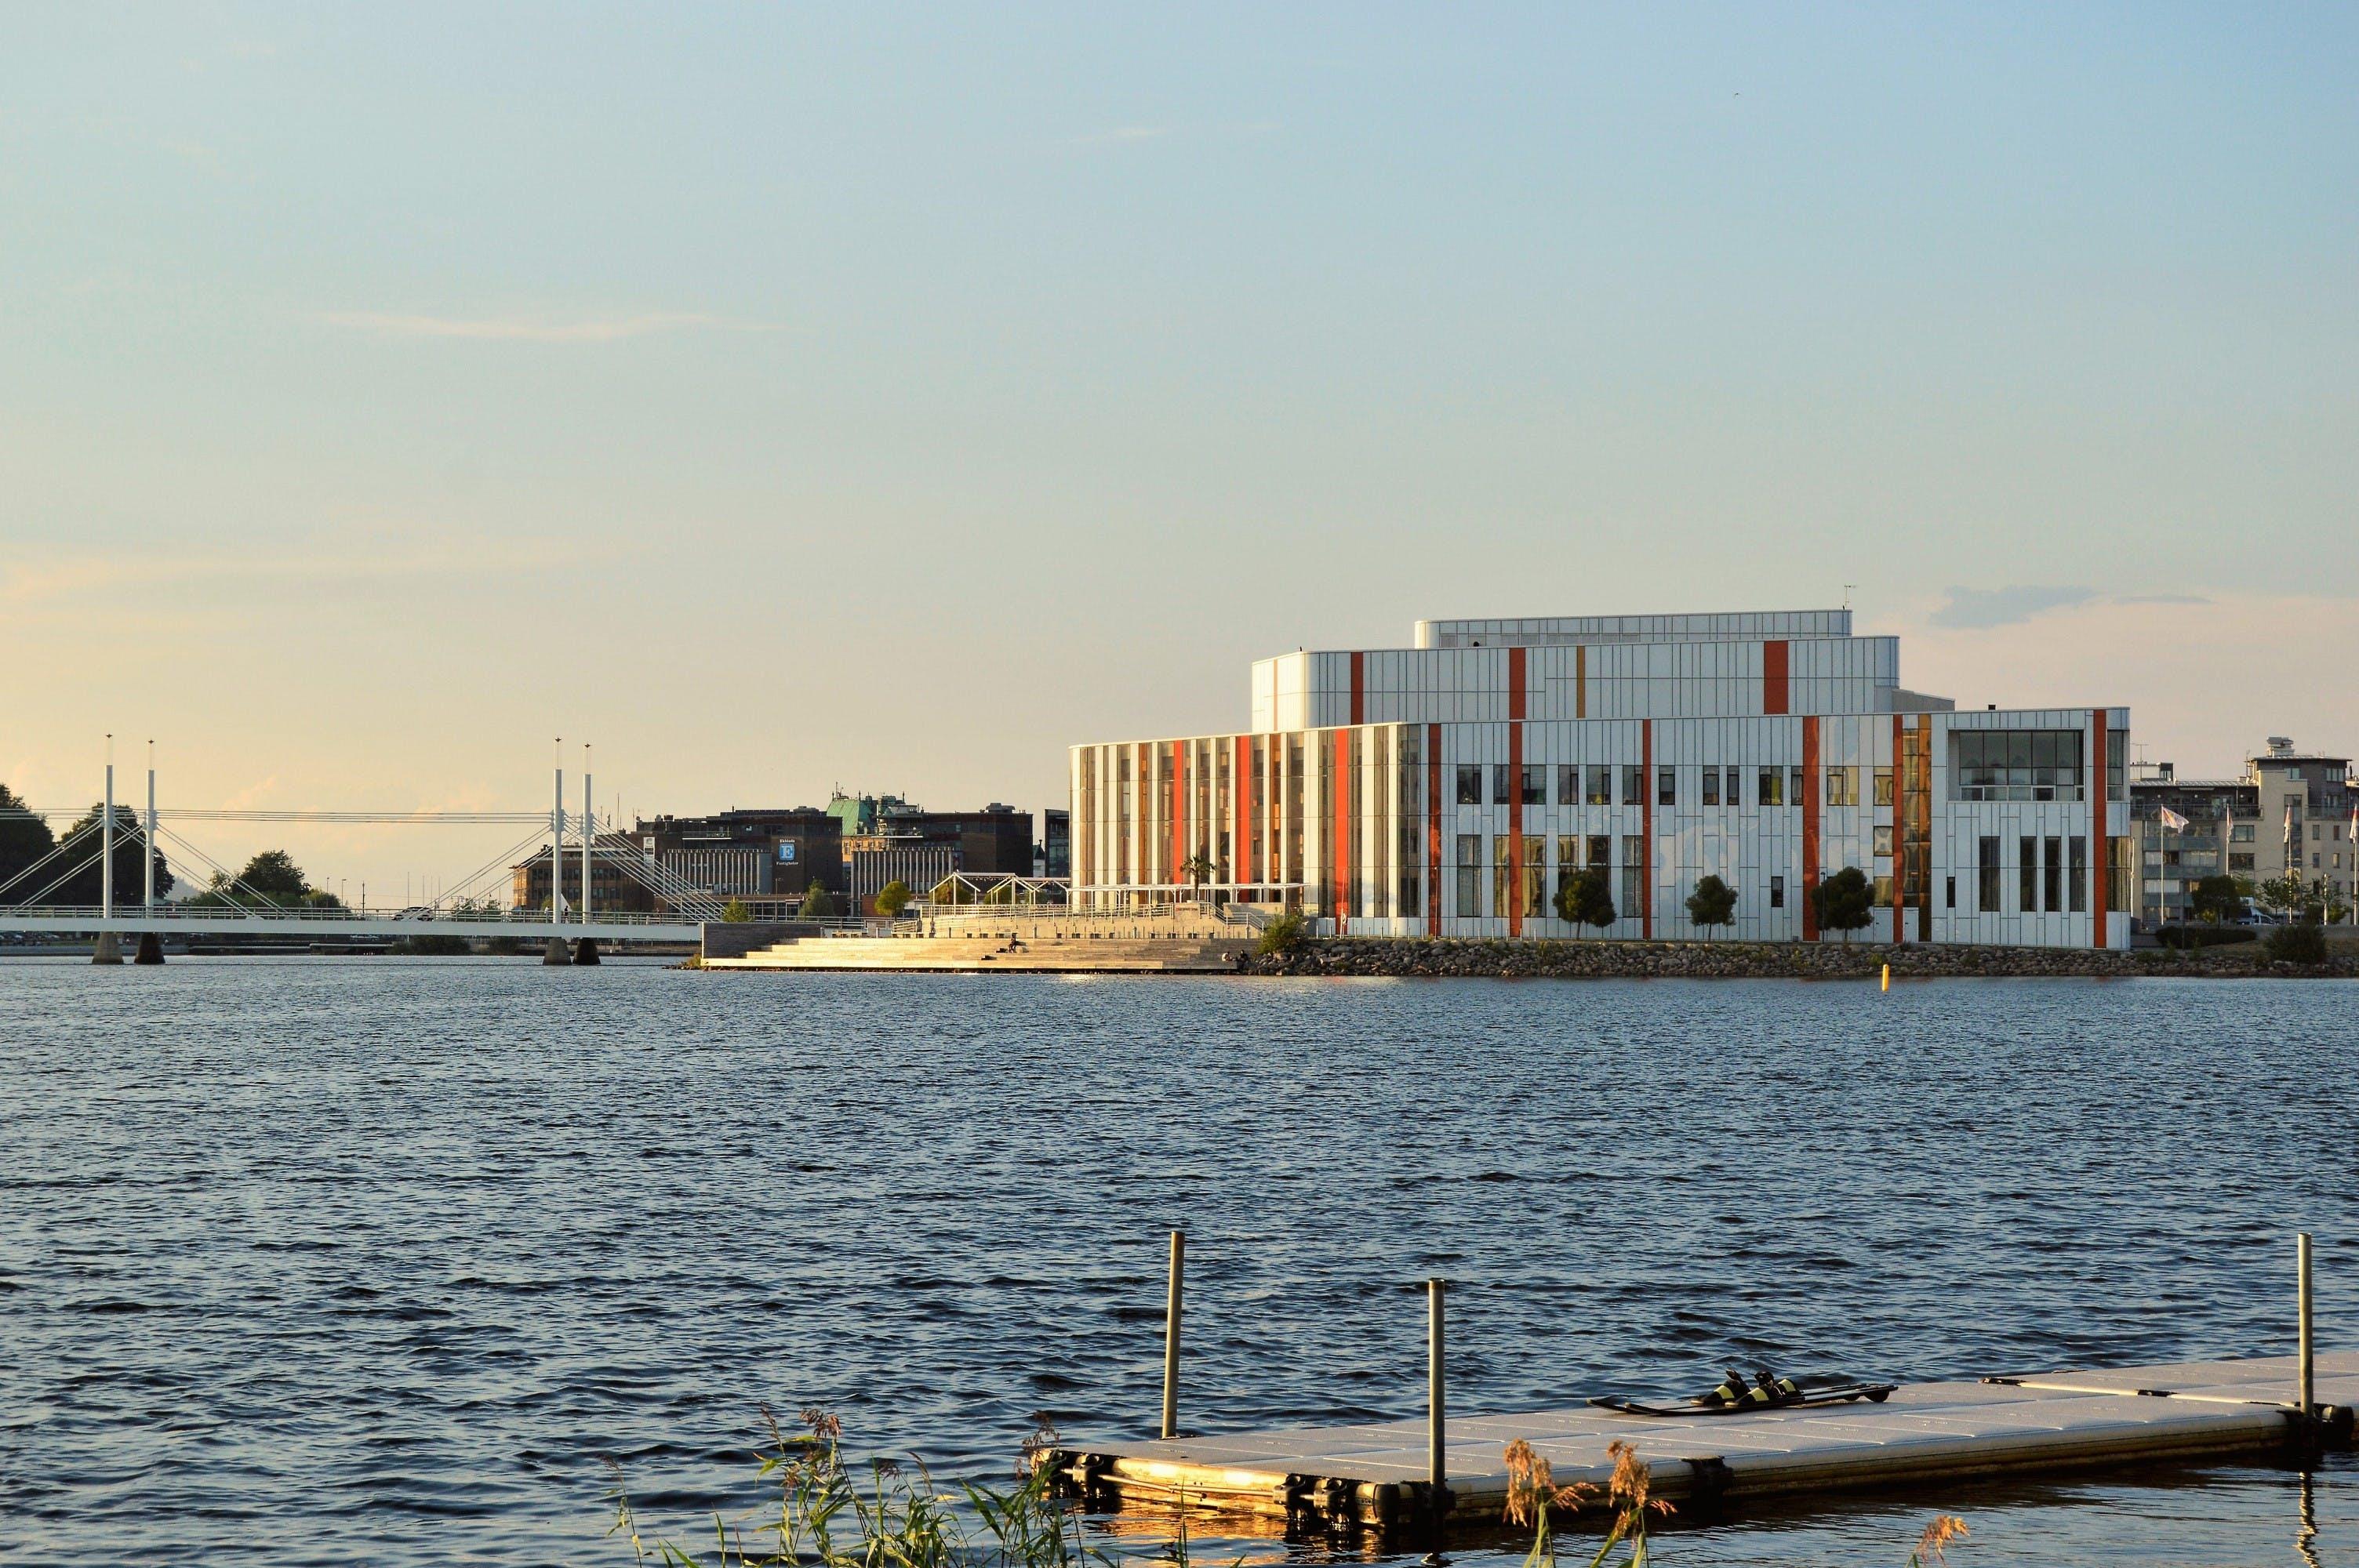 Fotos de stock gratuitas de agua, jönköping, kulturhuset, puente